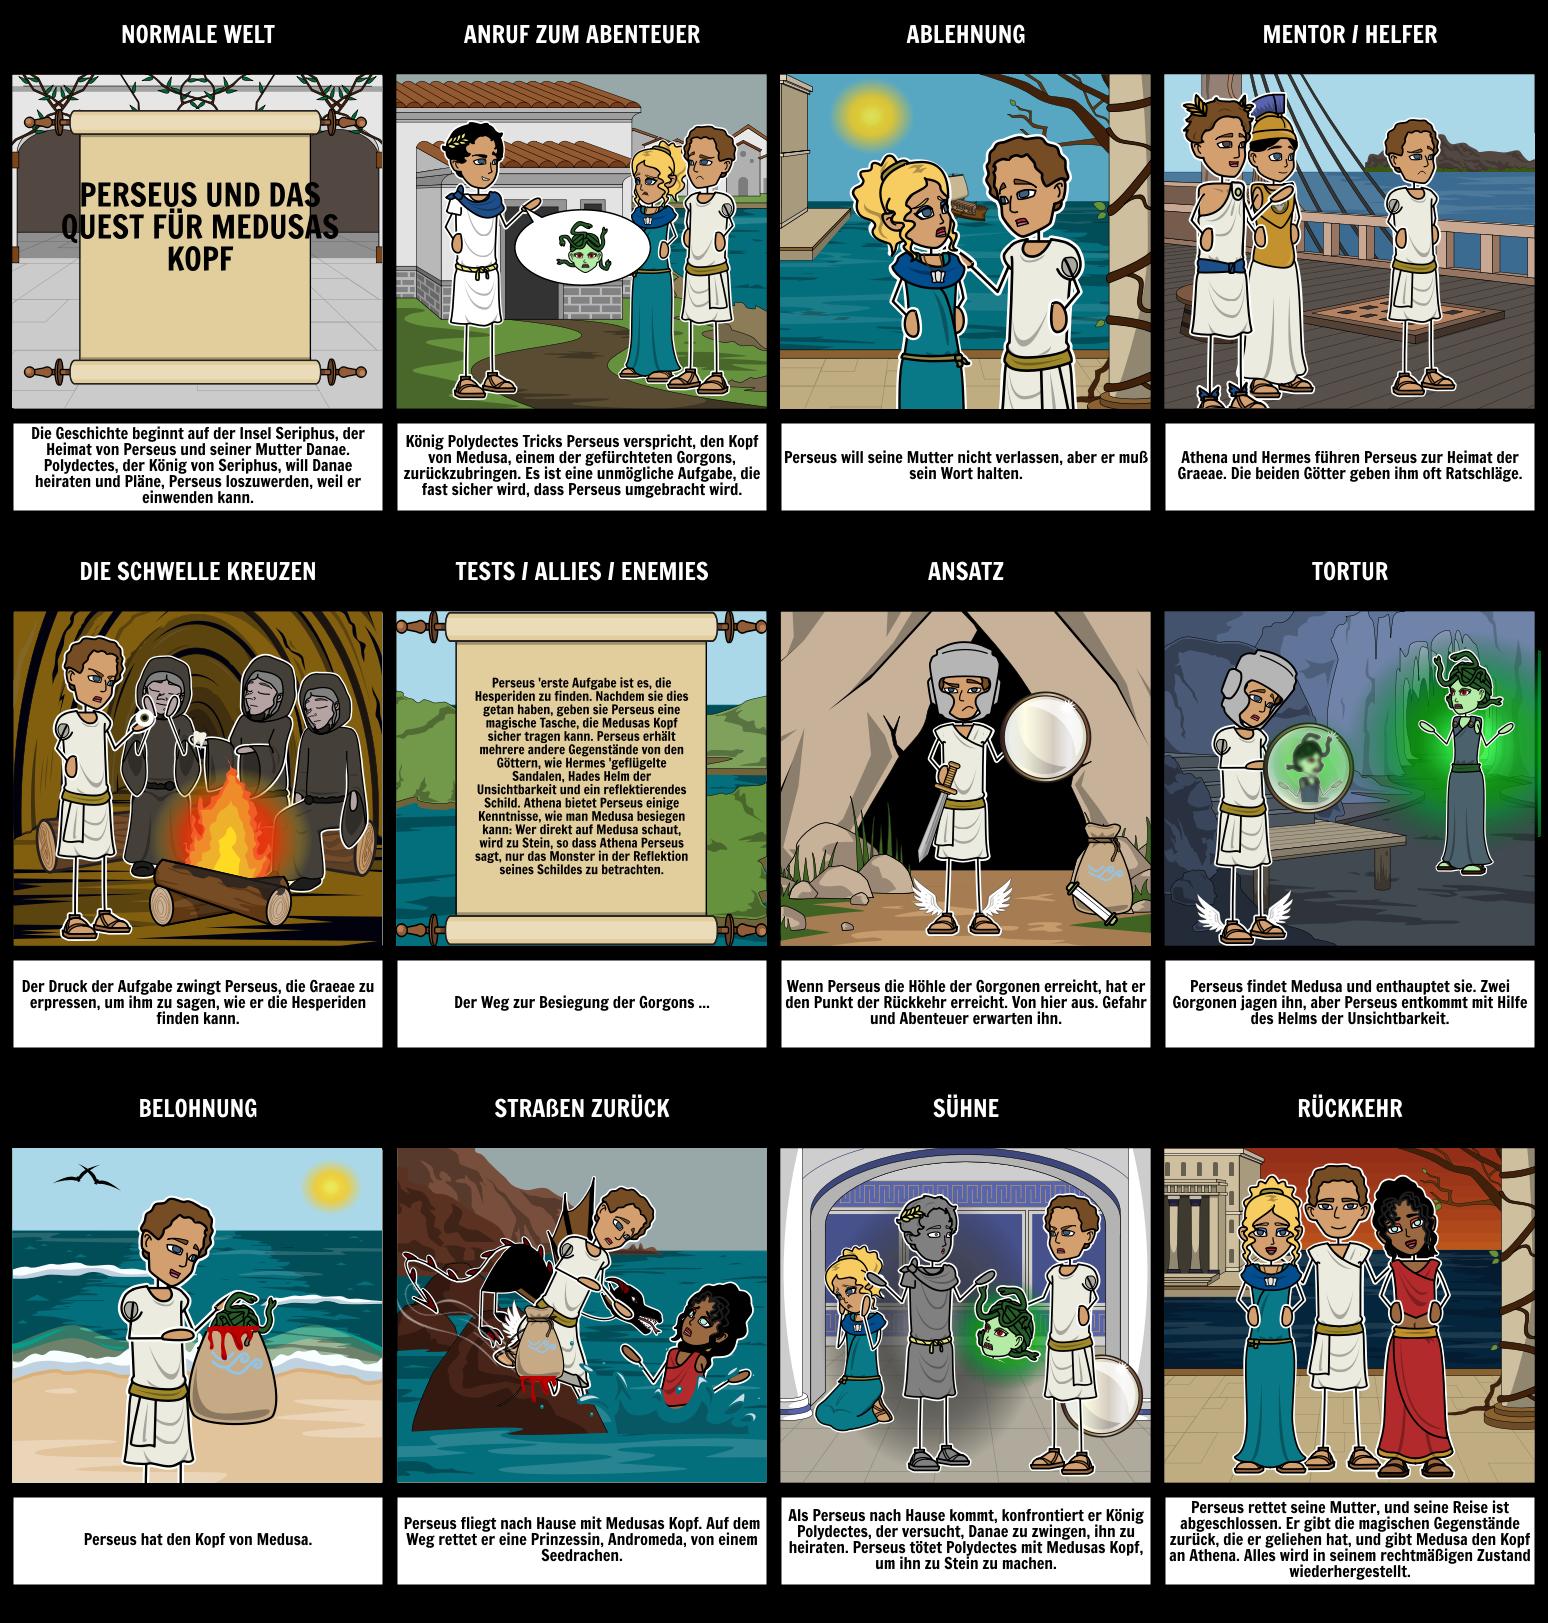 Griechische Mythologie - Heldenreise von Perseus